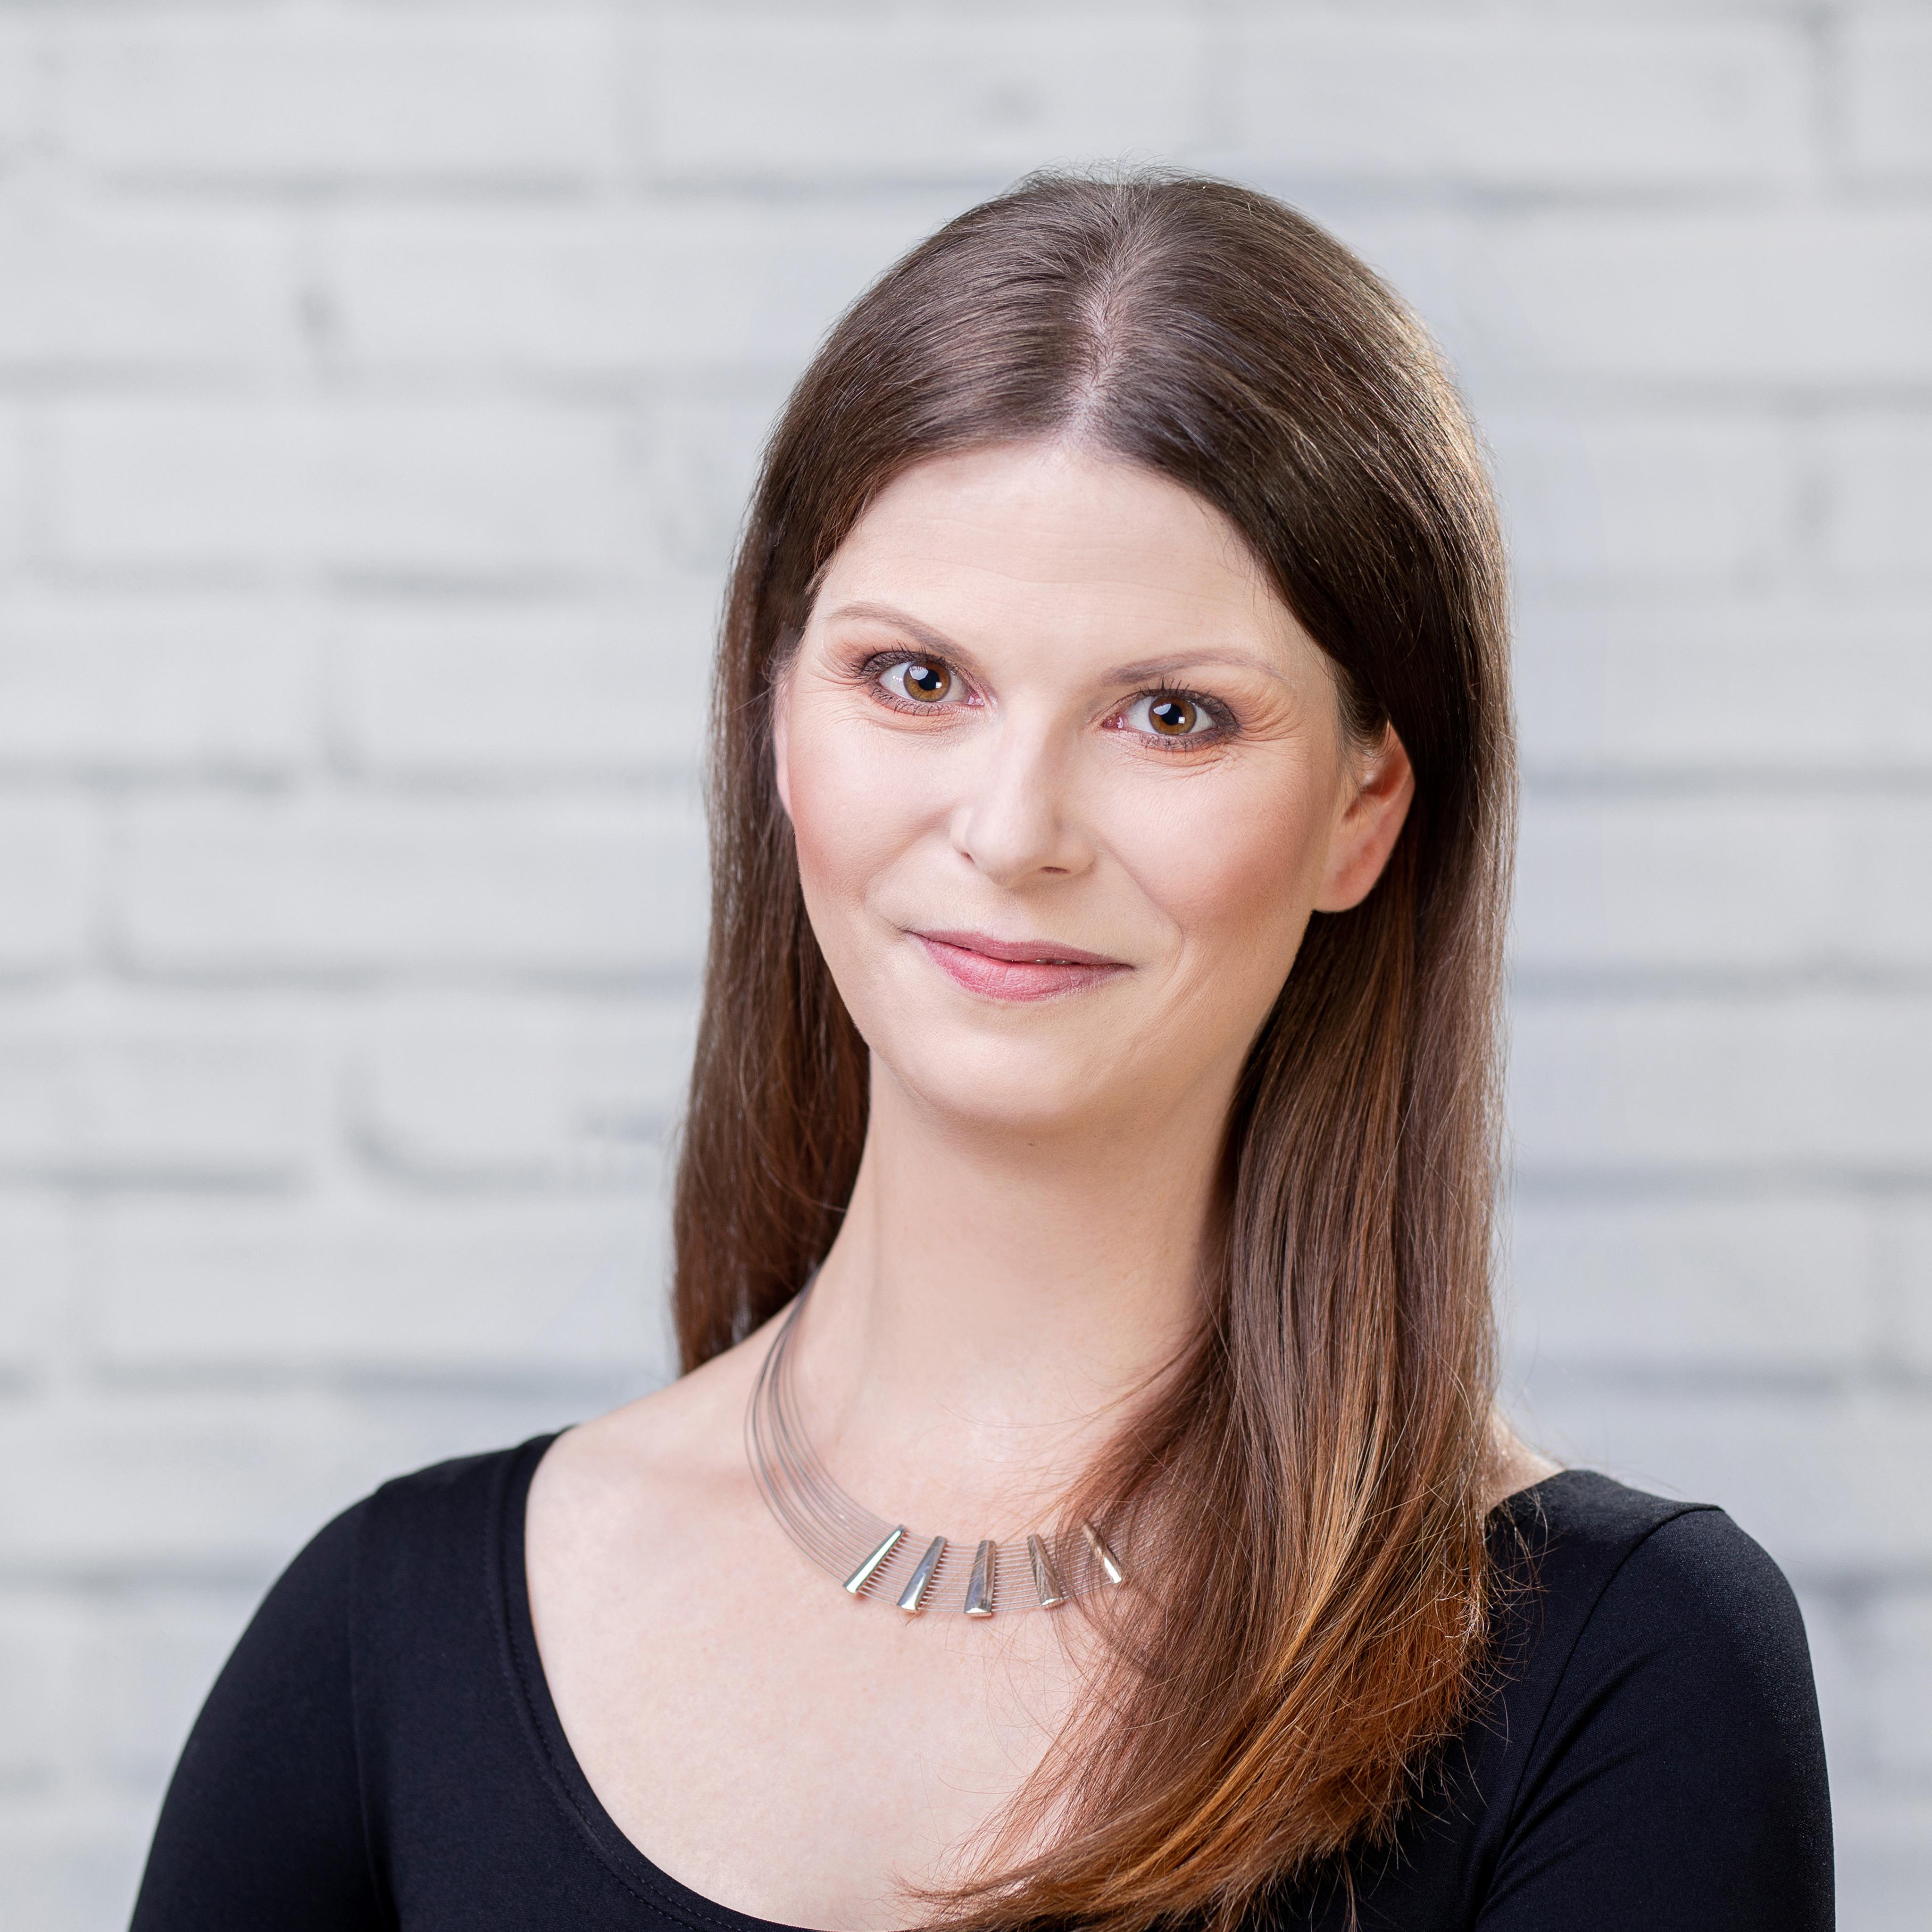 Катажина Жултовска